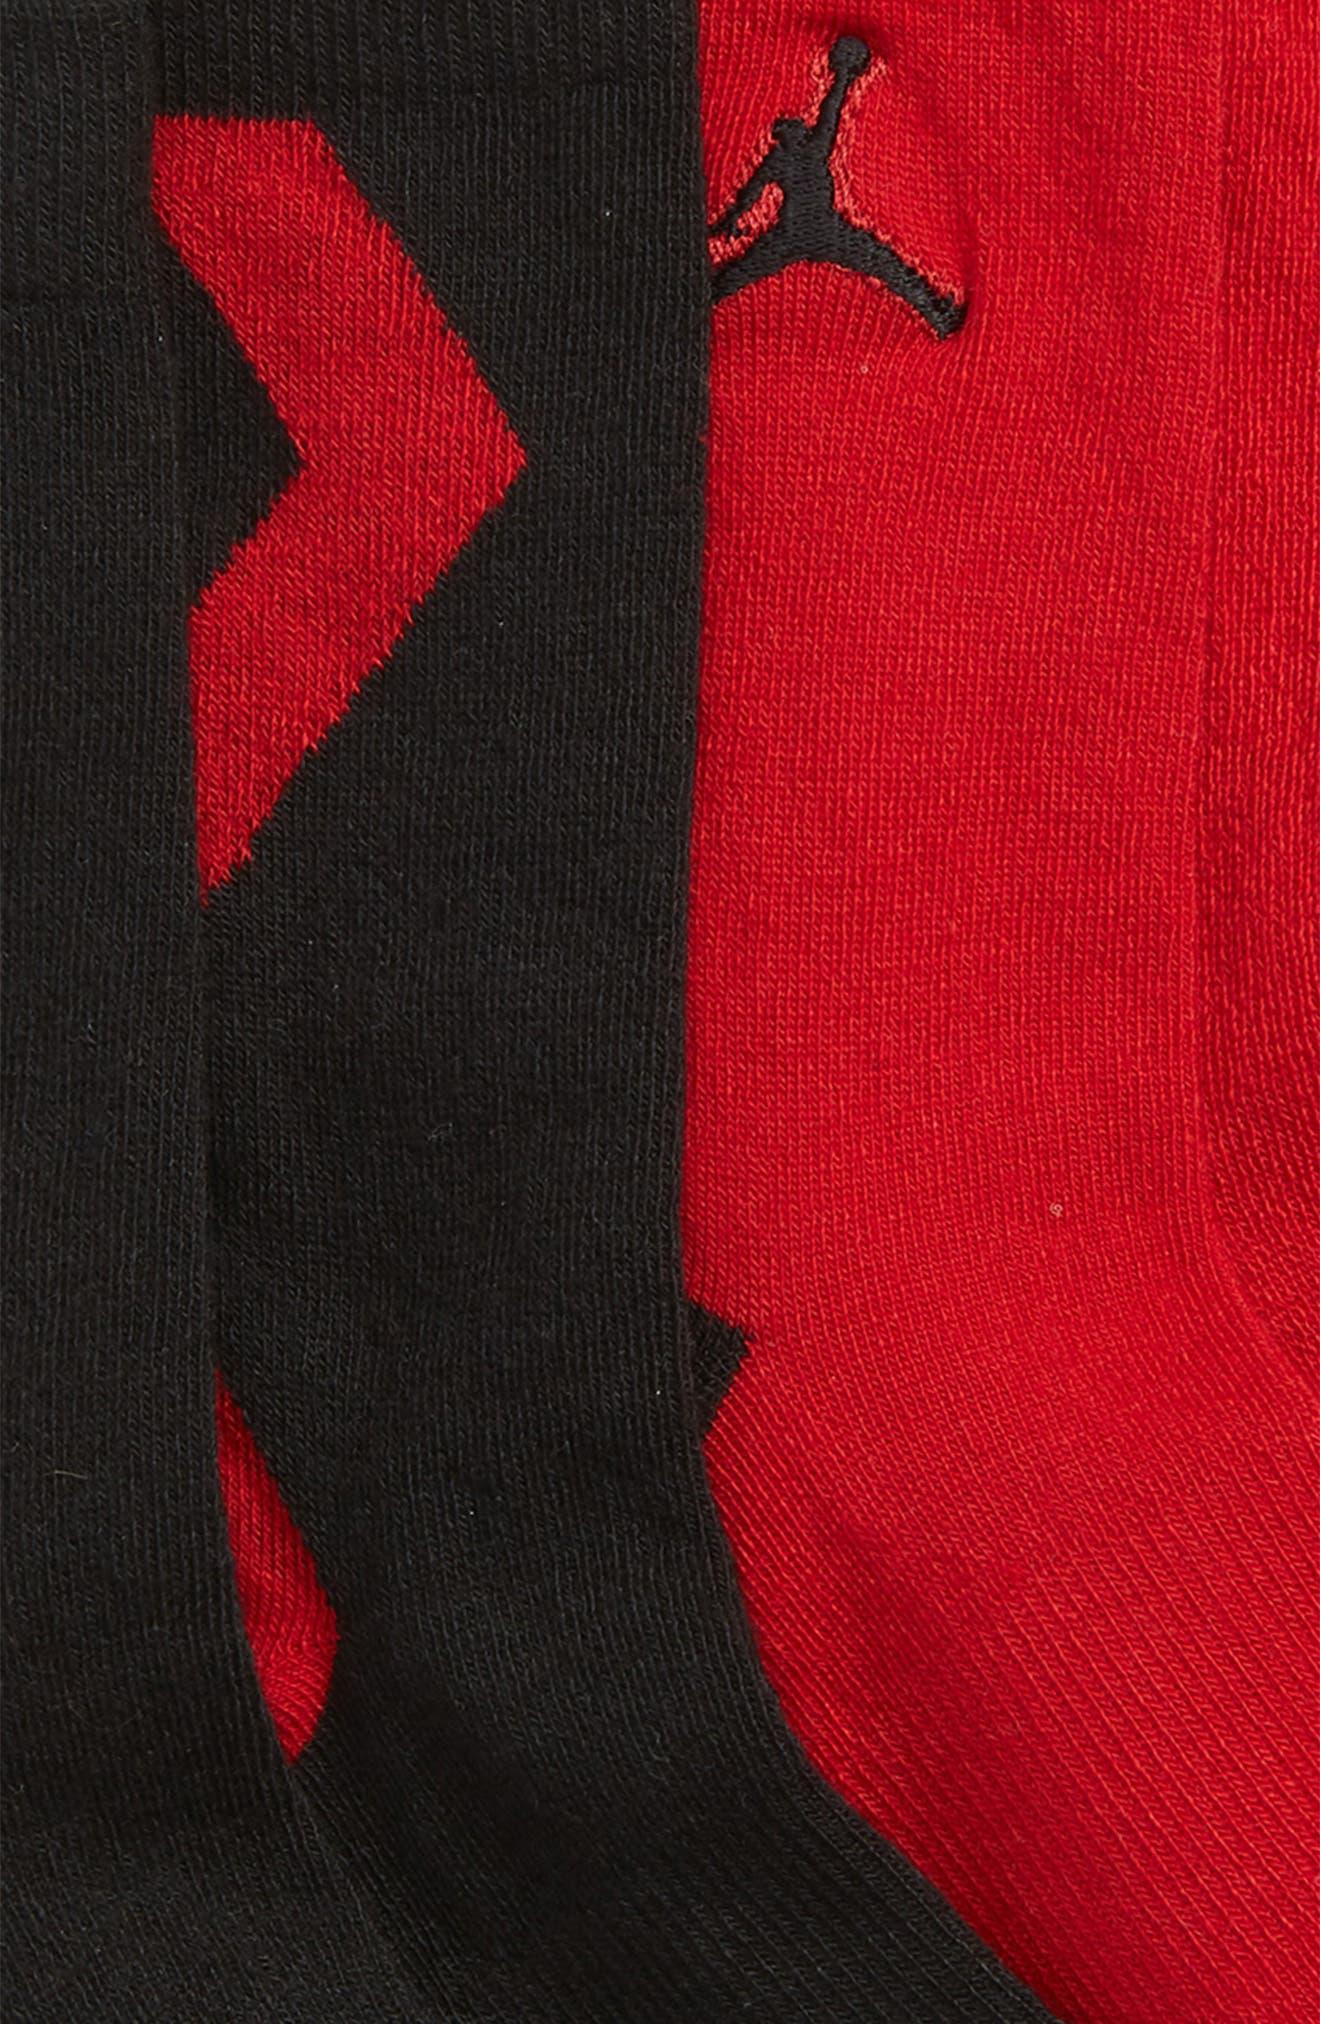 2-Pack Jordan Raise Up High Crew Socks,                             Alternate thumbnail 2, color,                             BLACK